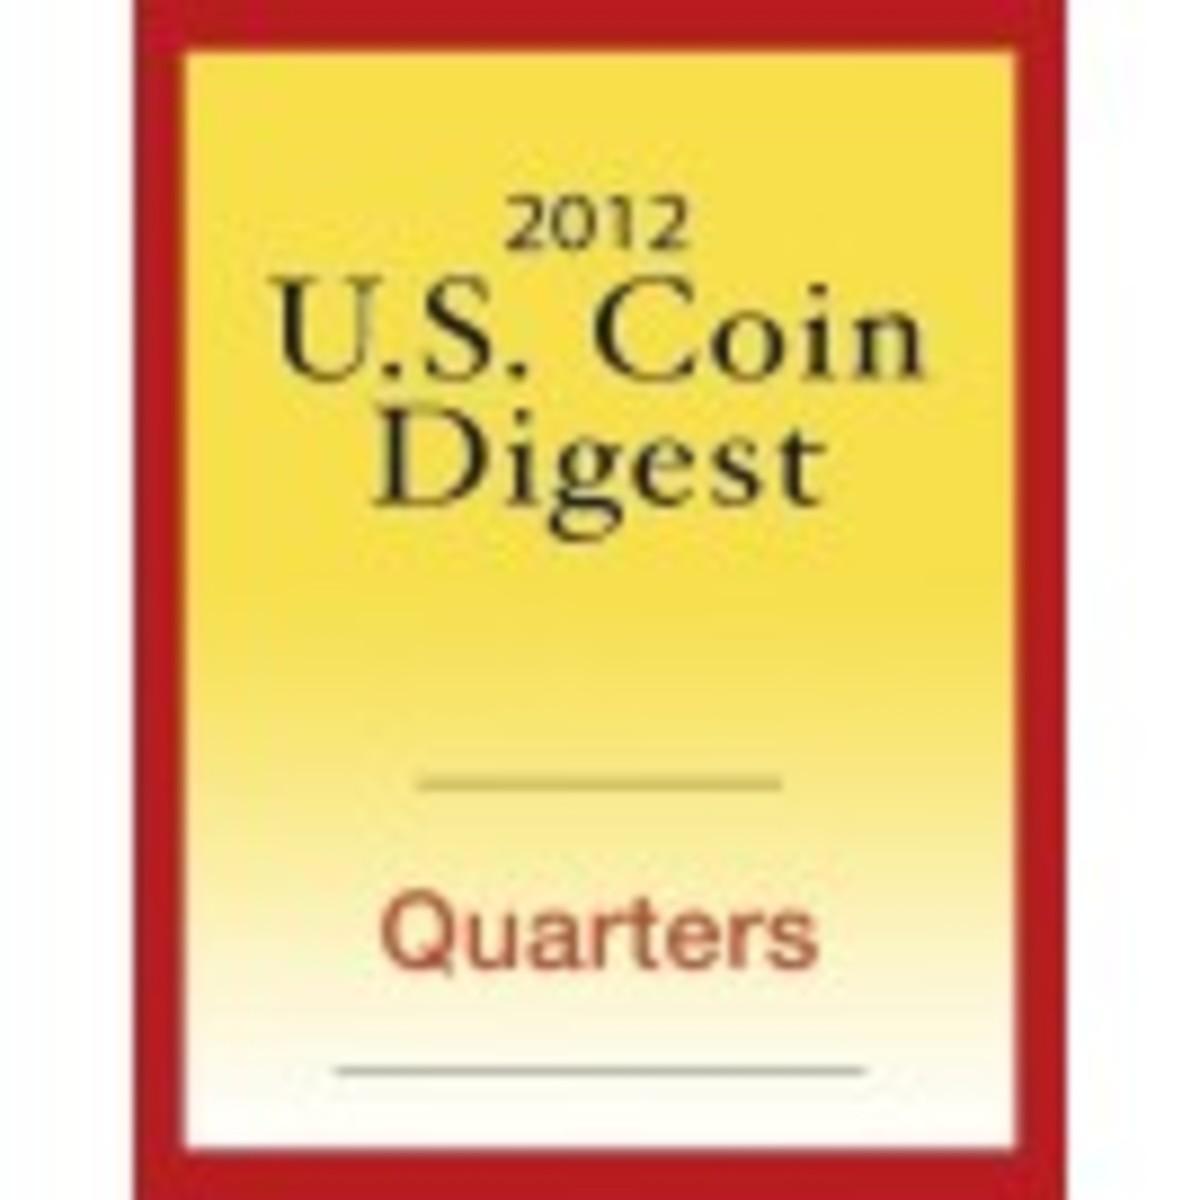 2012 U.S. Coin Digest: Quarters